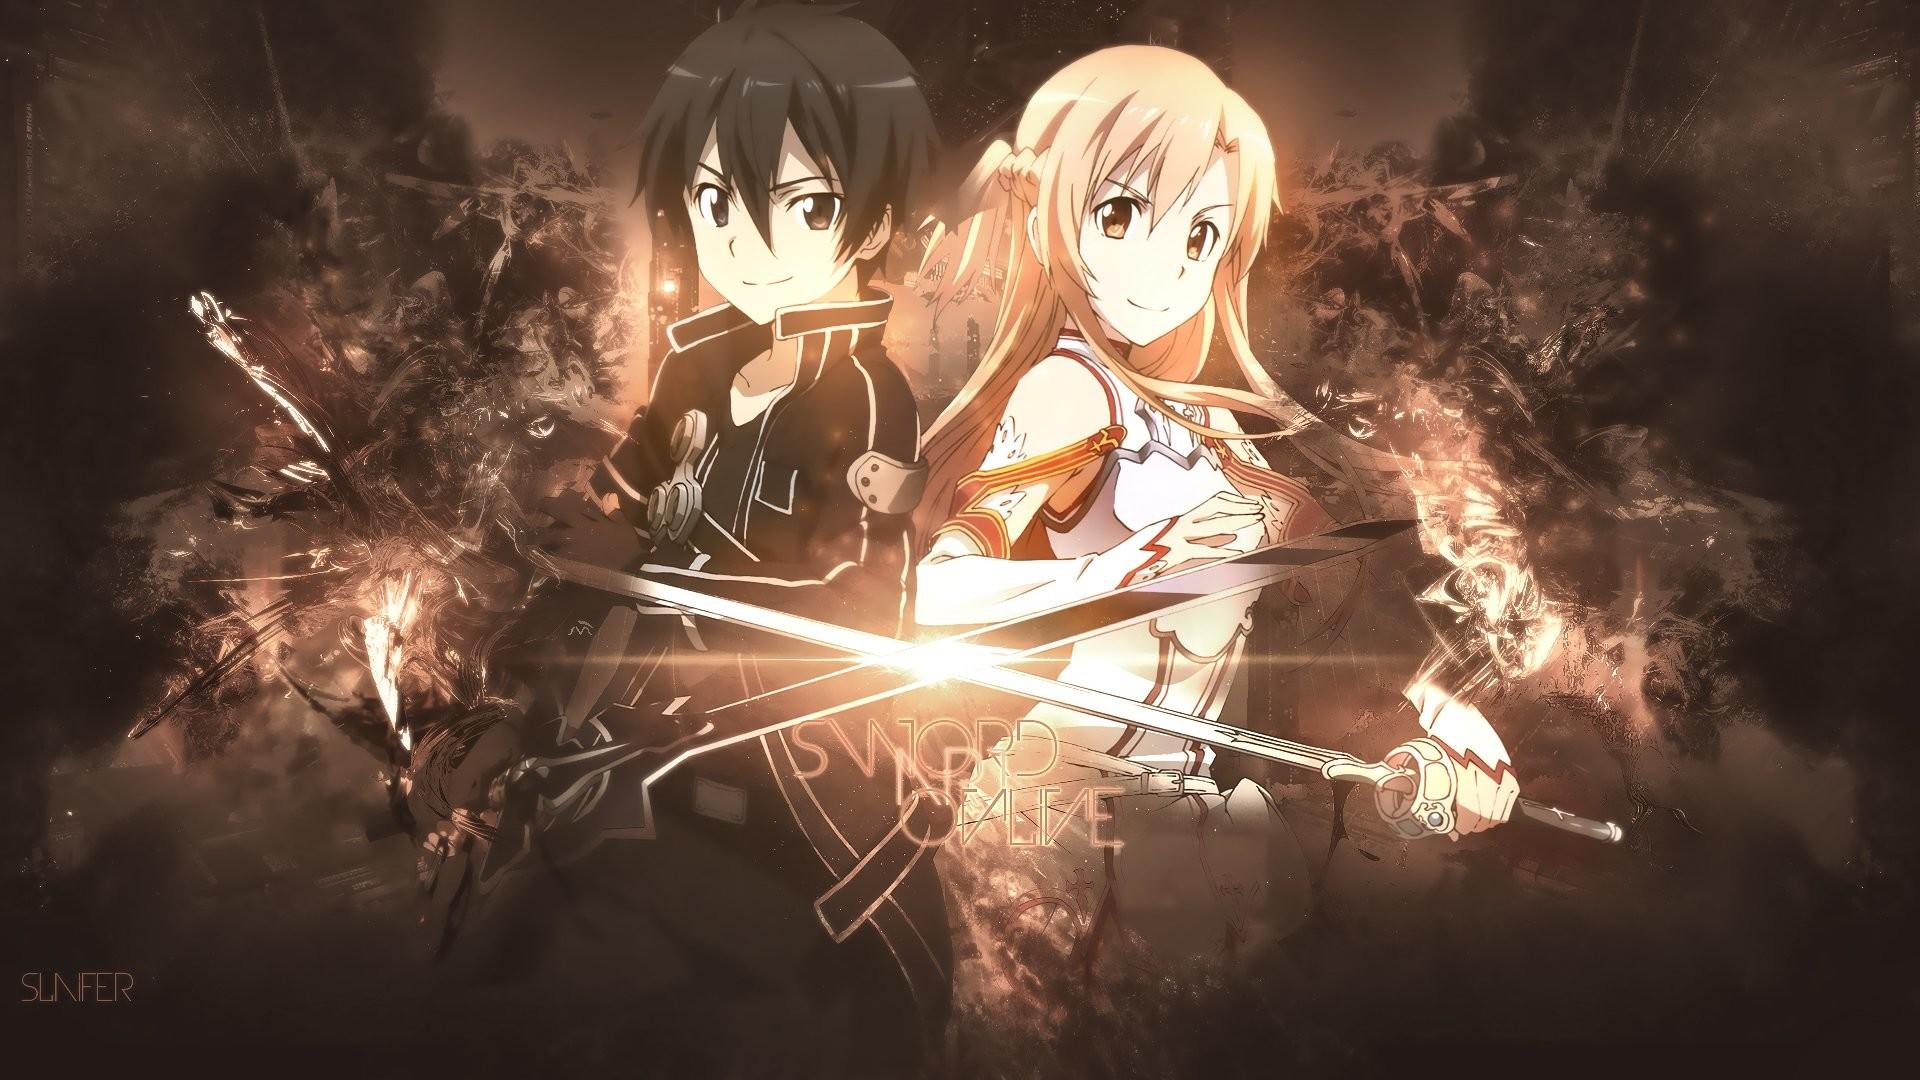 … Sword Art Online Yui · HD Wallpaper   Background ID:301609